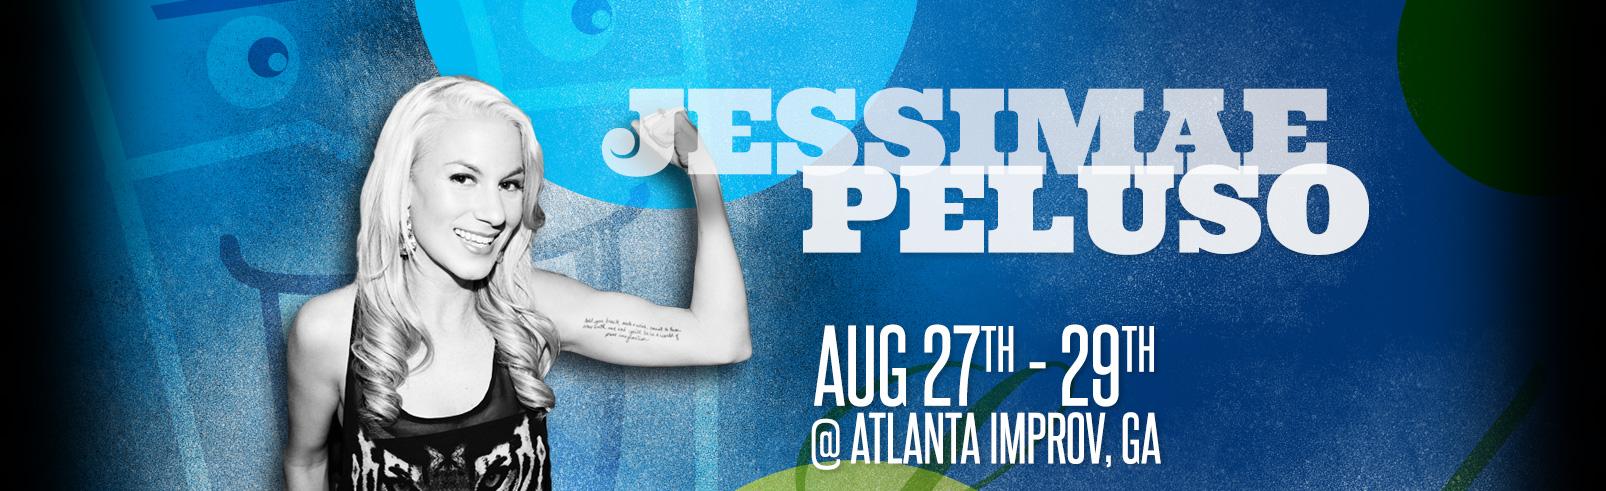 Jessimae Peluso @ Atlanta Improv